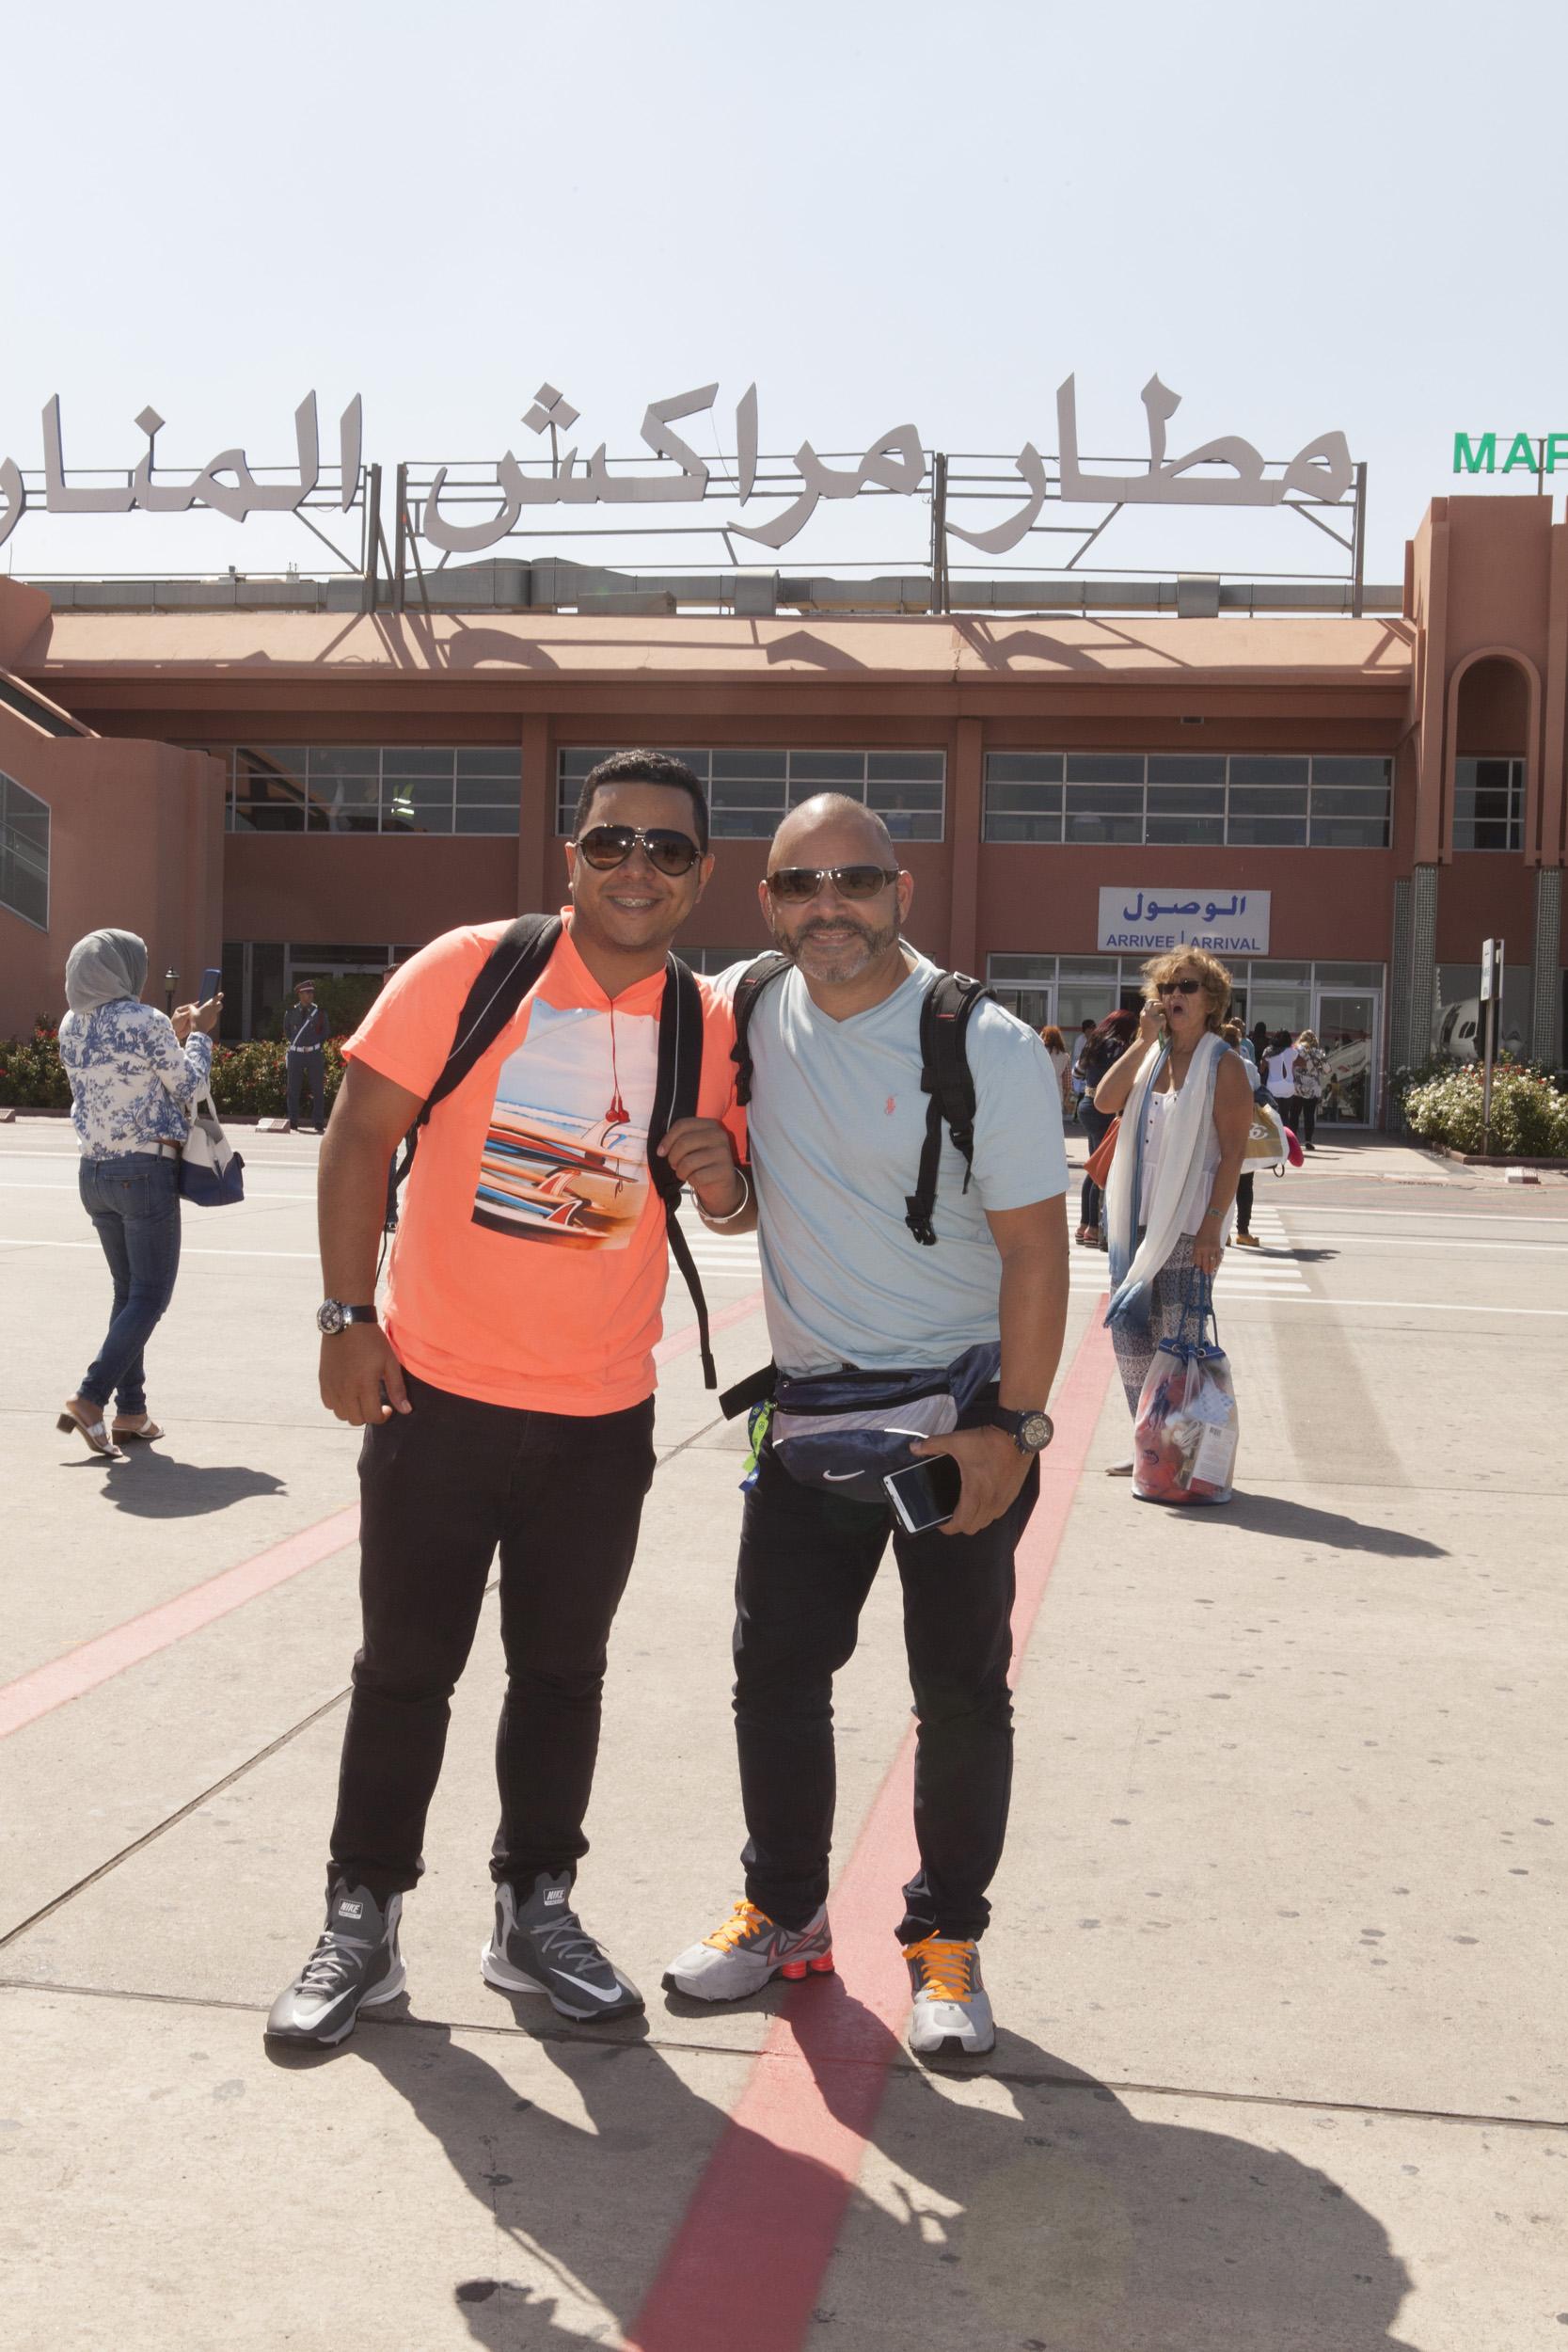 llegada_marrakech_convencion_anual_salerm_cosmetics_proline_20